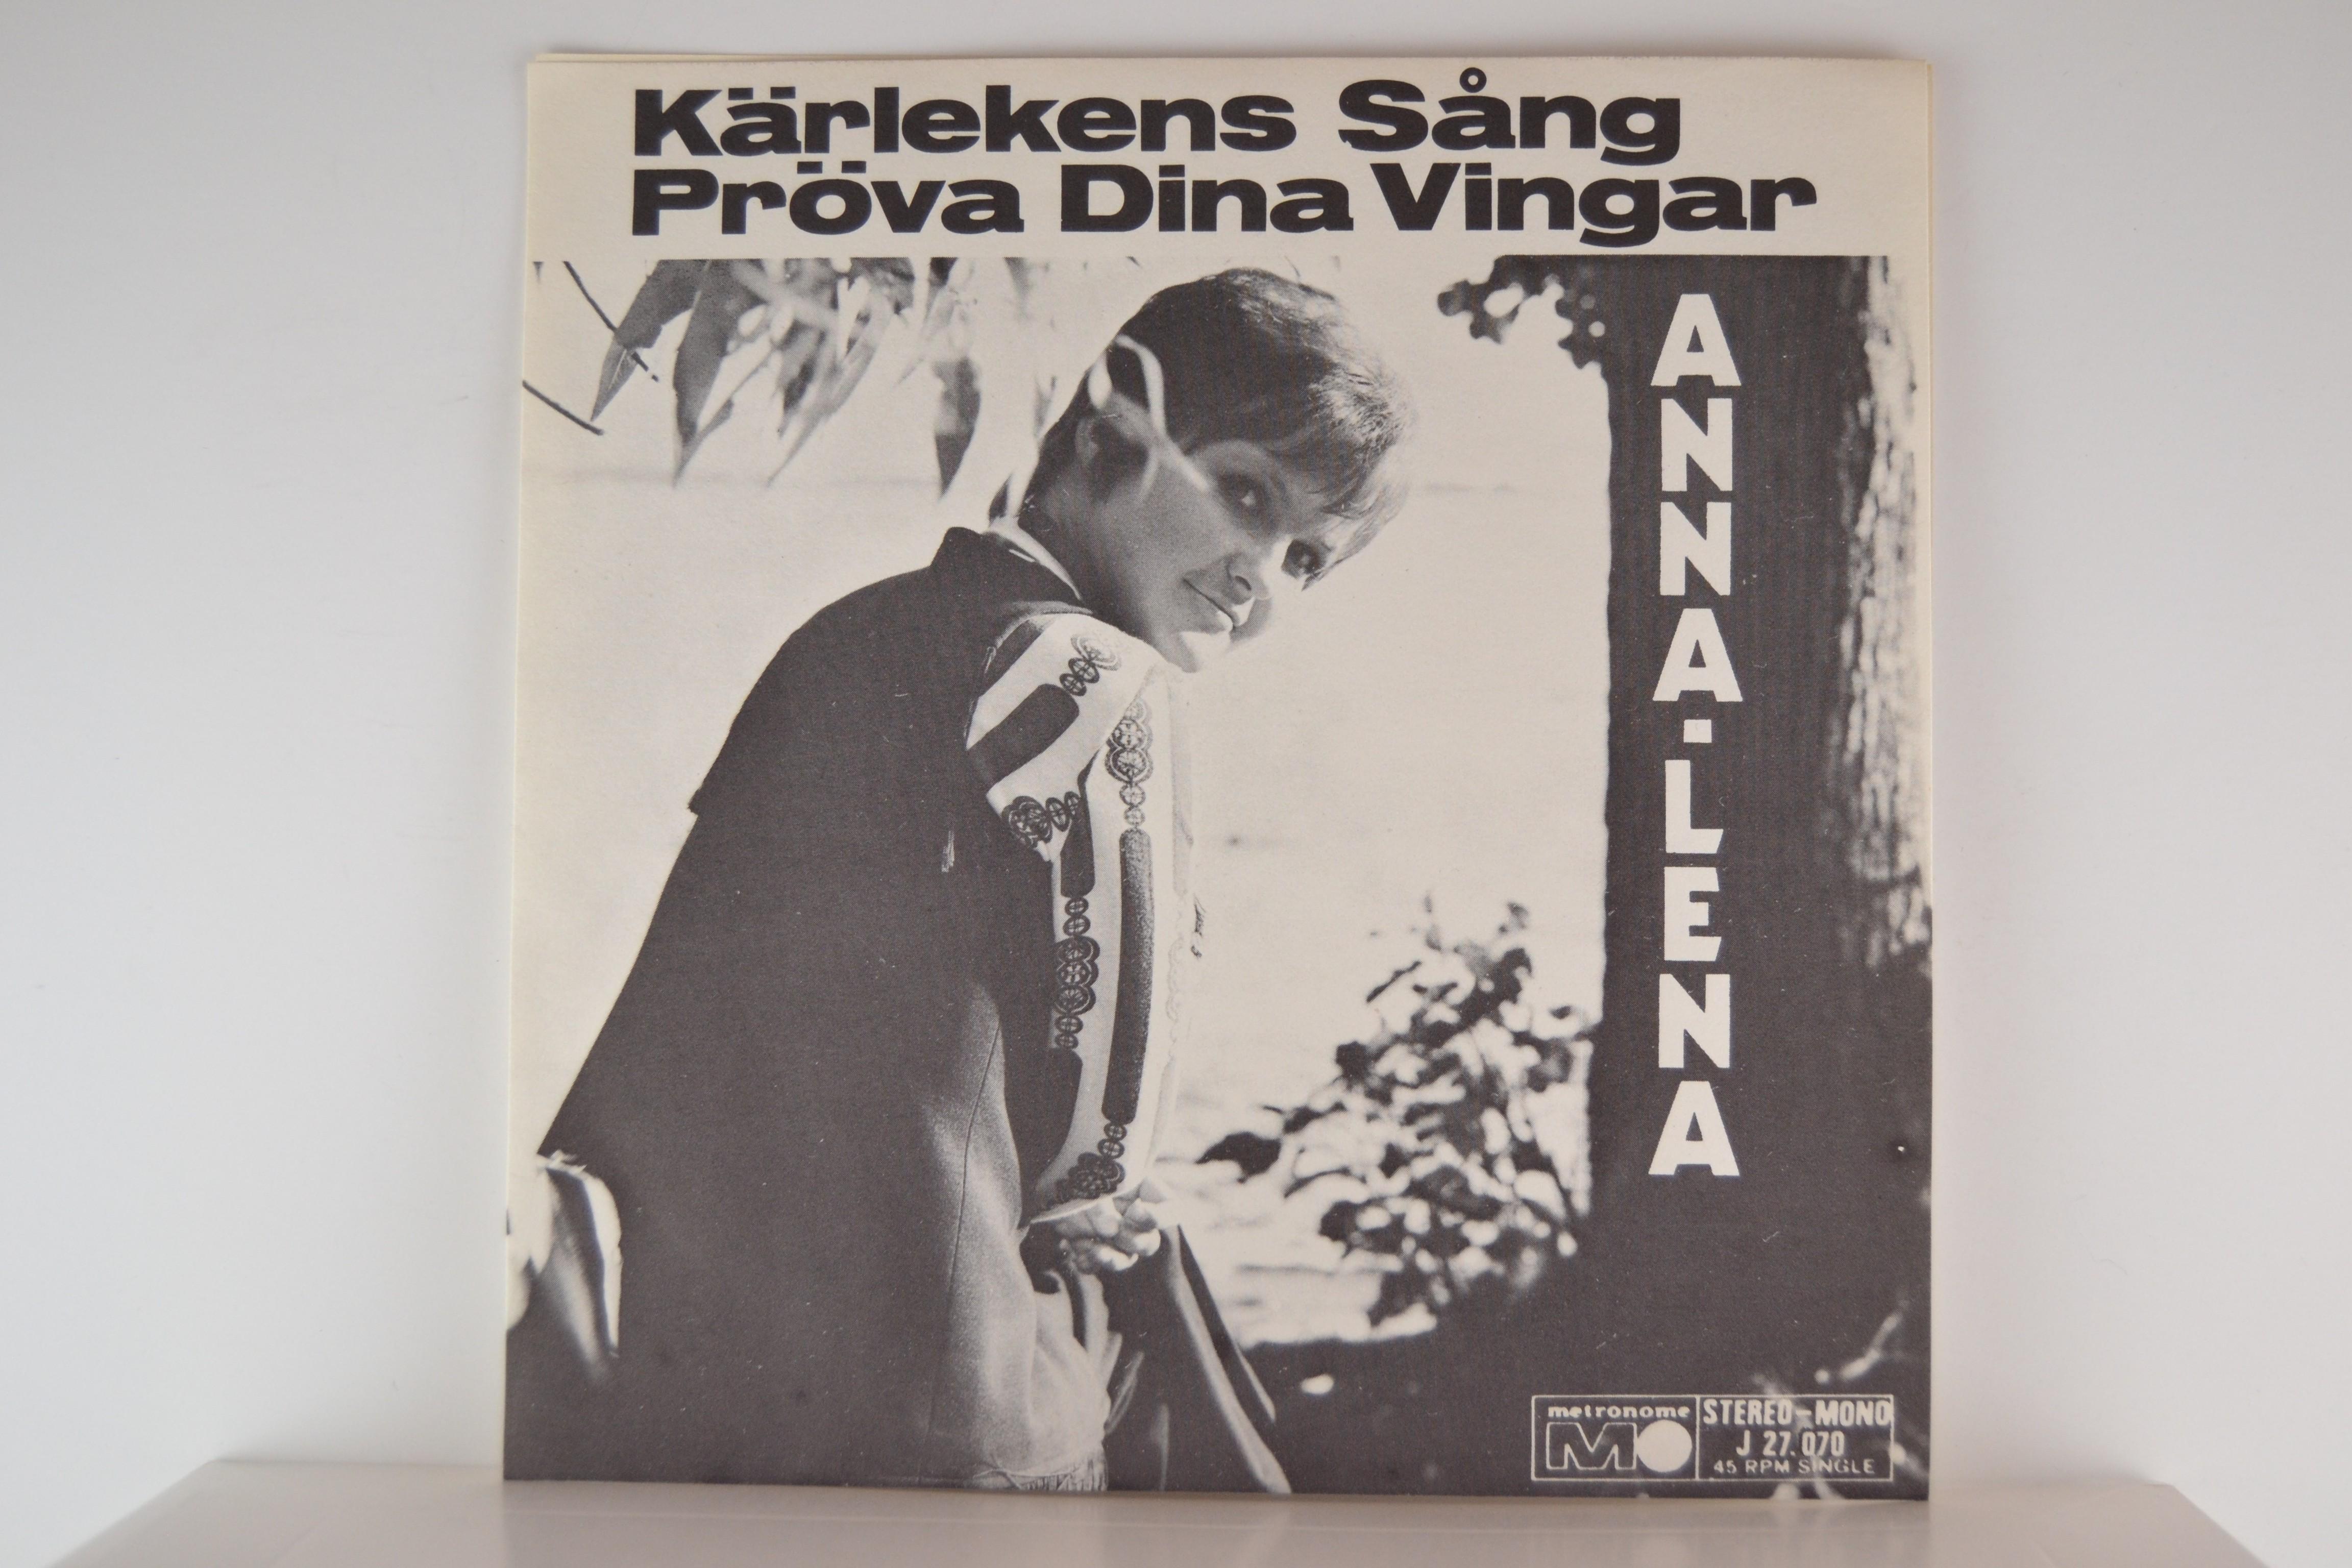 ANNA-LENA LÖFGREN : Kärlekens sång / Pröva dina vingar